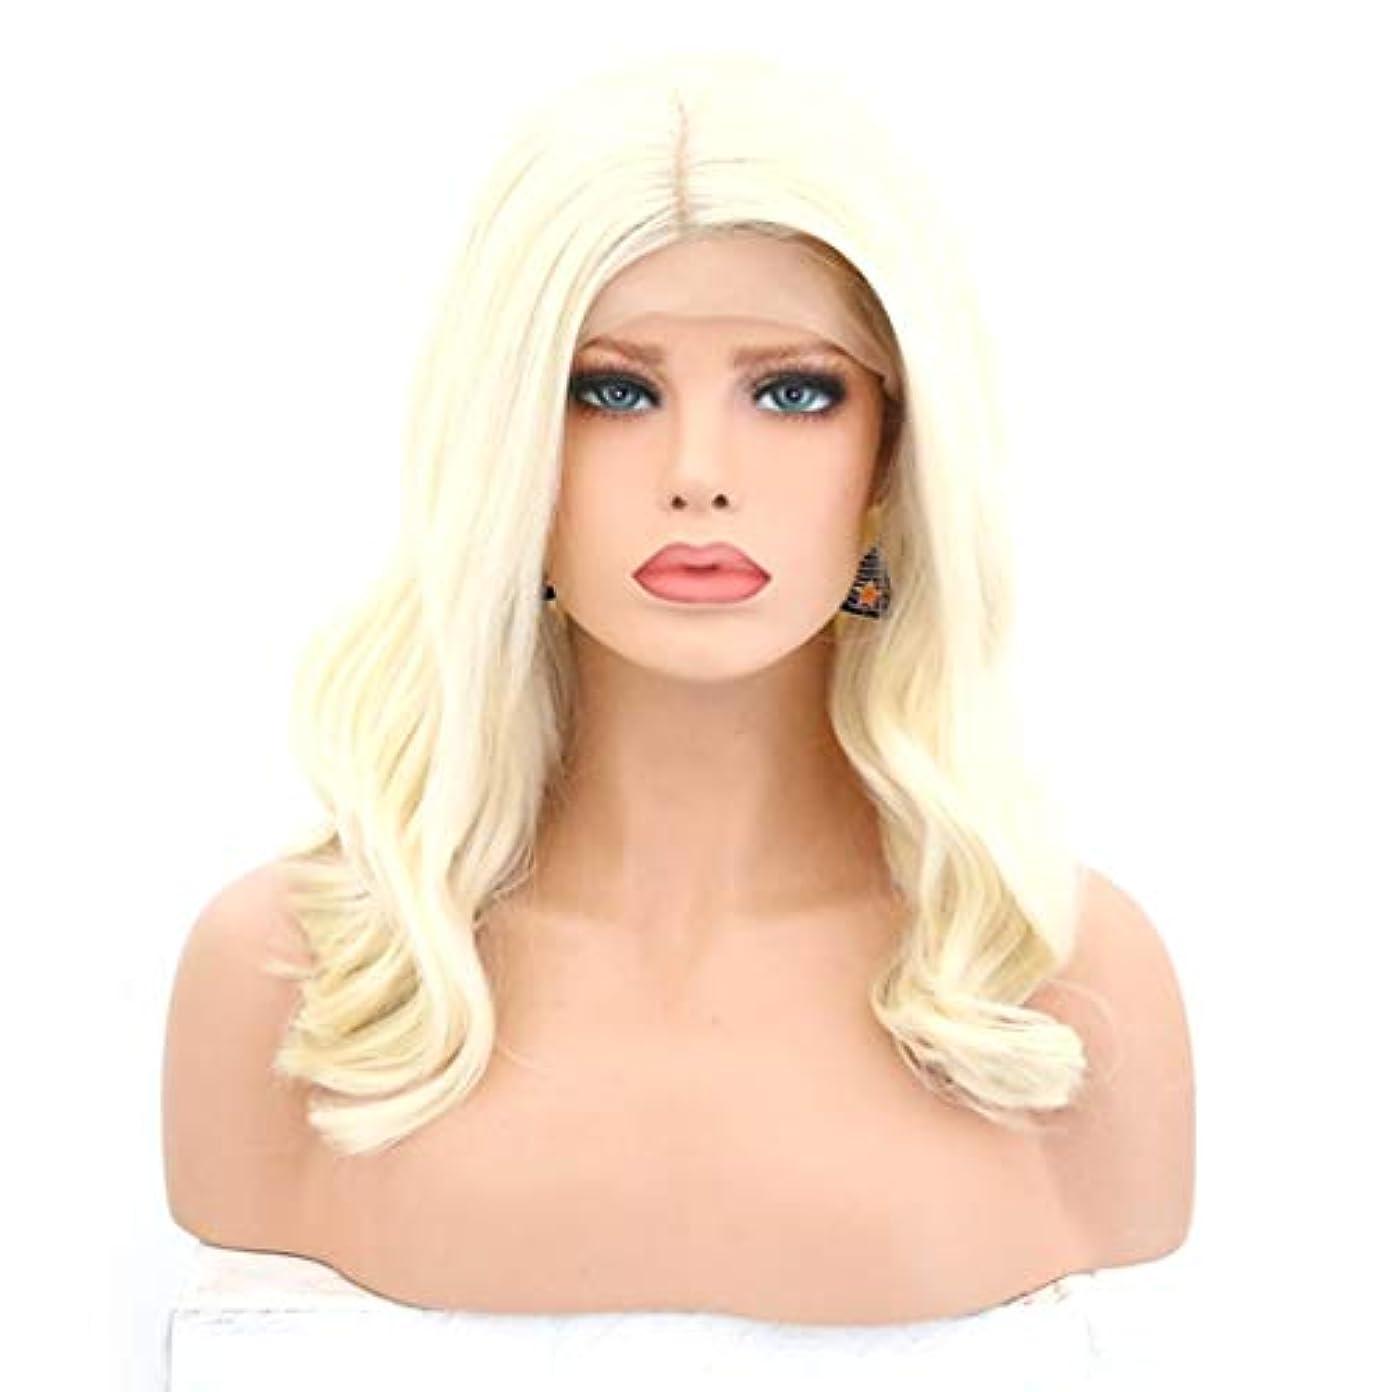 腐食するコメンテーターコストKerwinner 女性のための巻き毛のかつらかつらかつらフロントの合成繊維のかつらを自然な見るとかつら (Size : 26 inches)